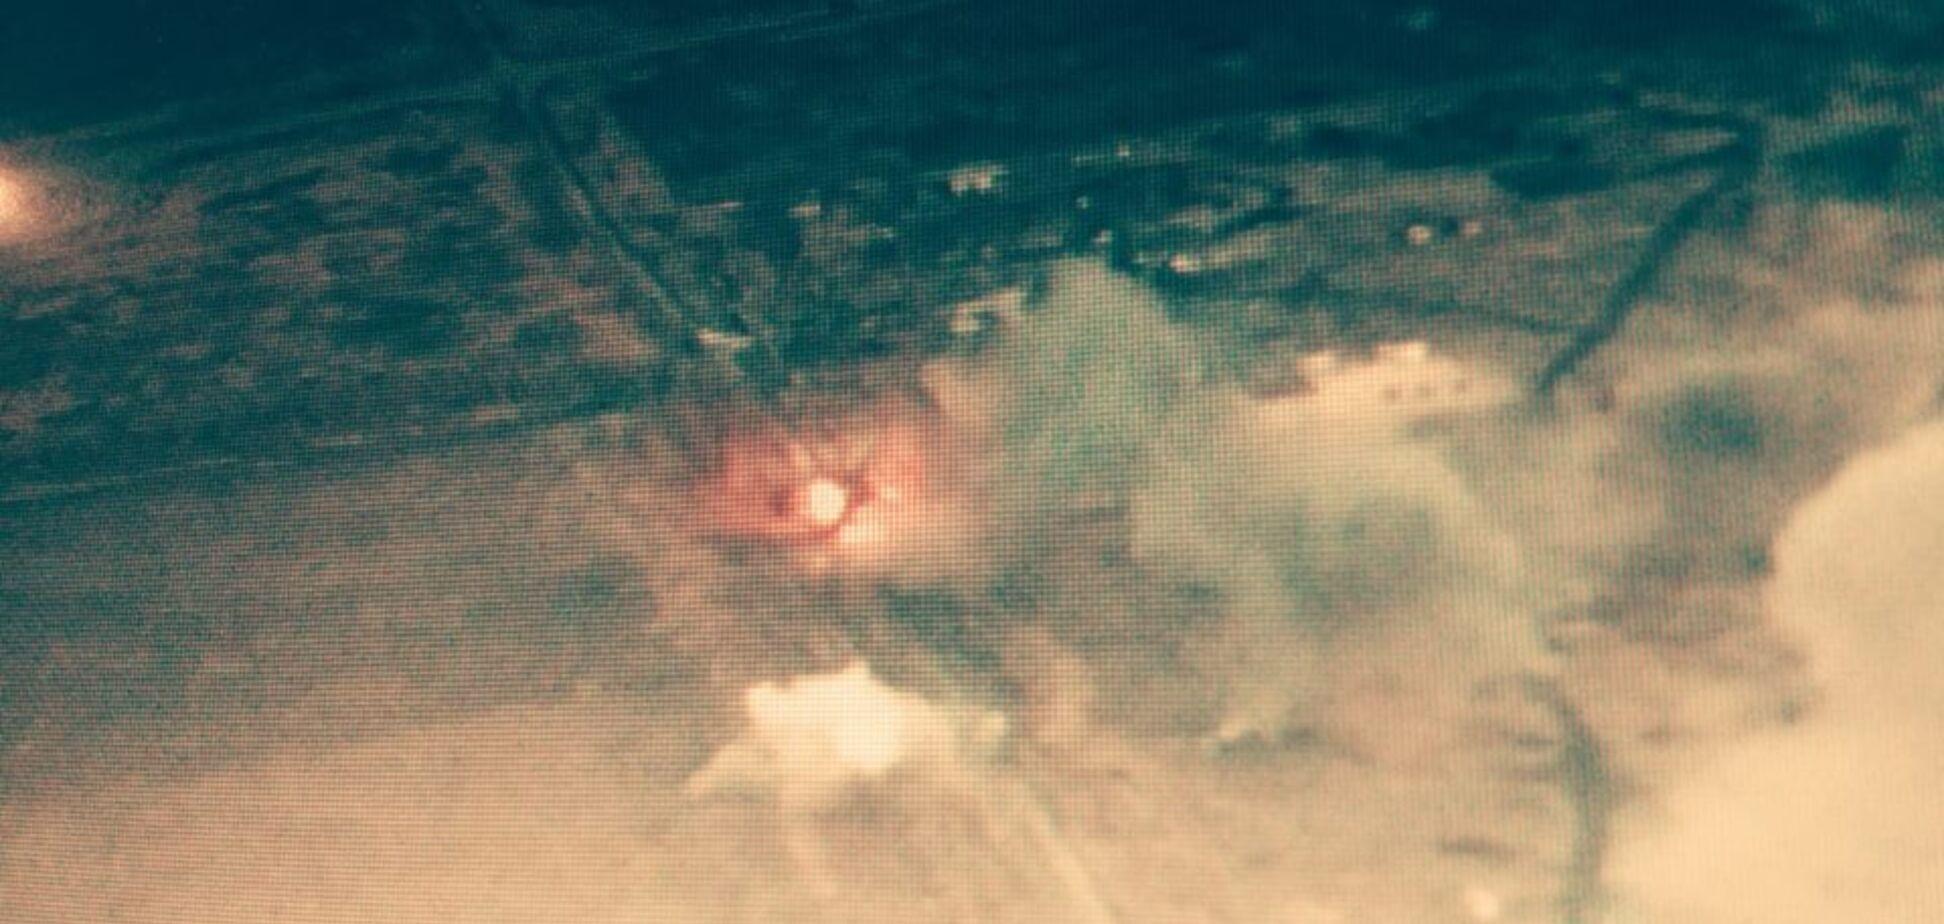 Это звоночек: мощный обстрел Донбасса из 'Градов' попал на видео